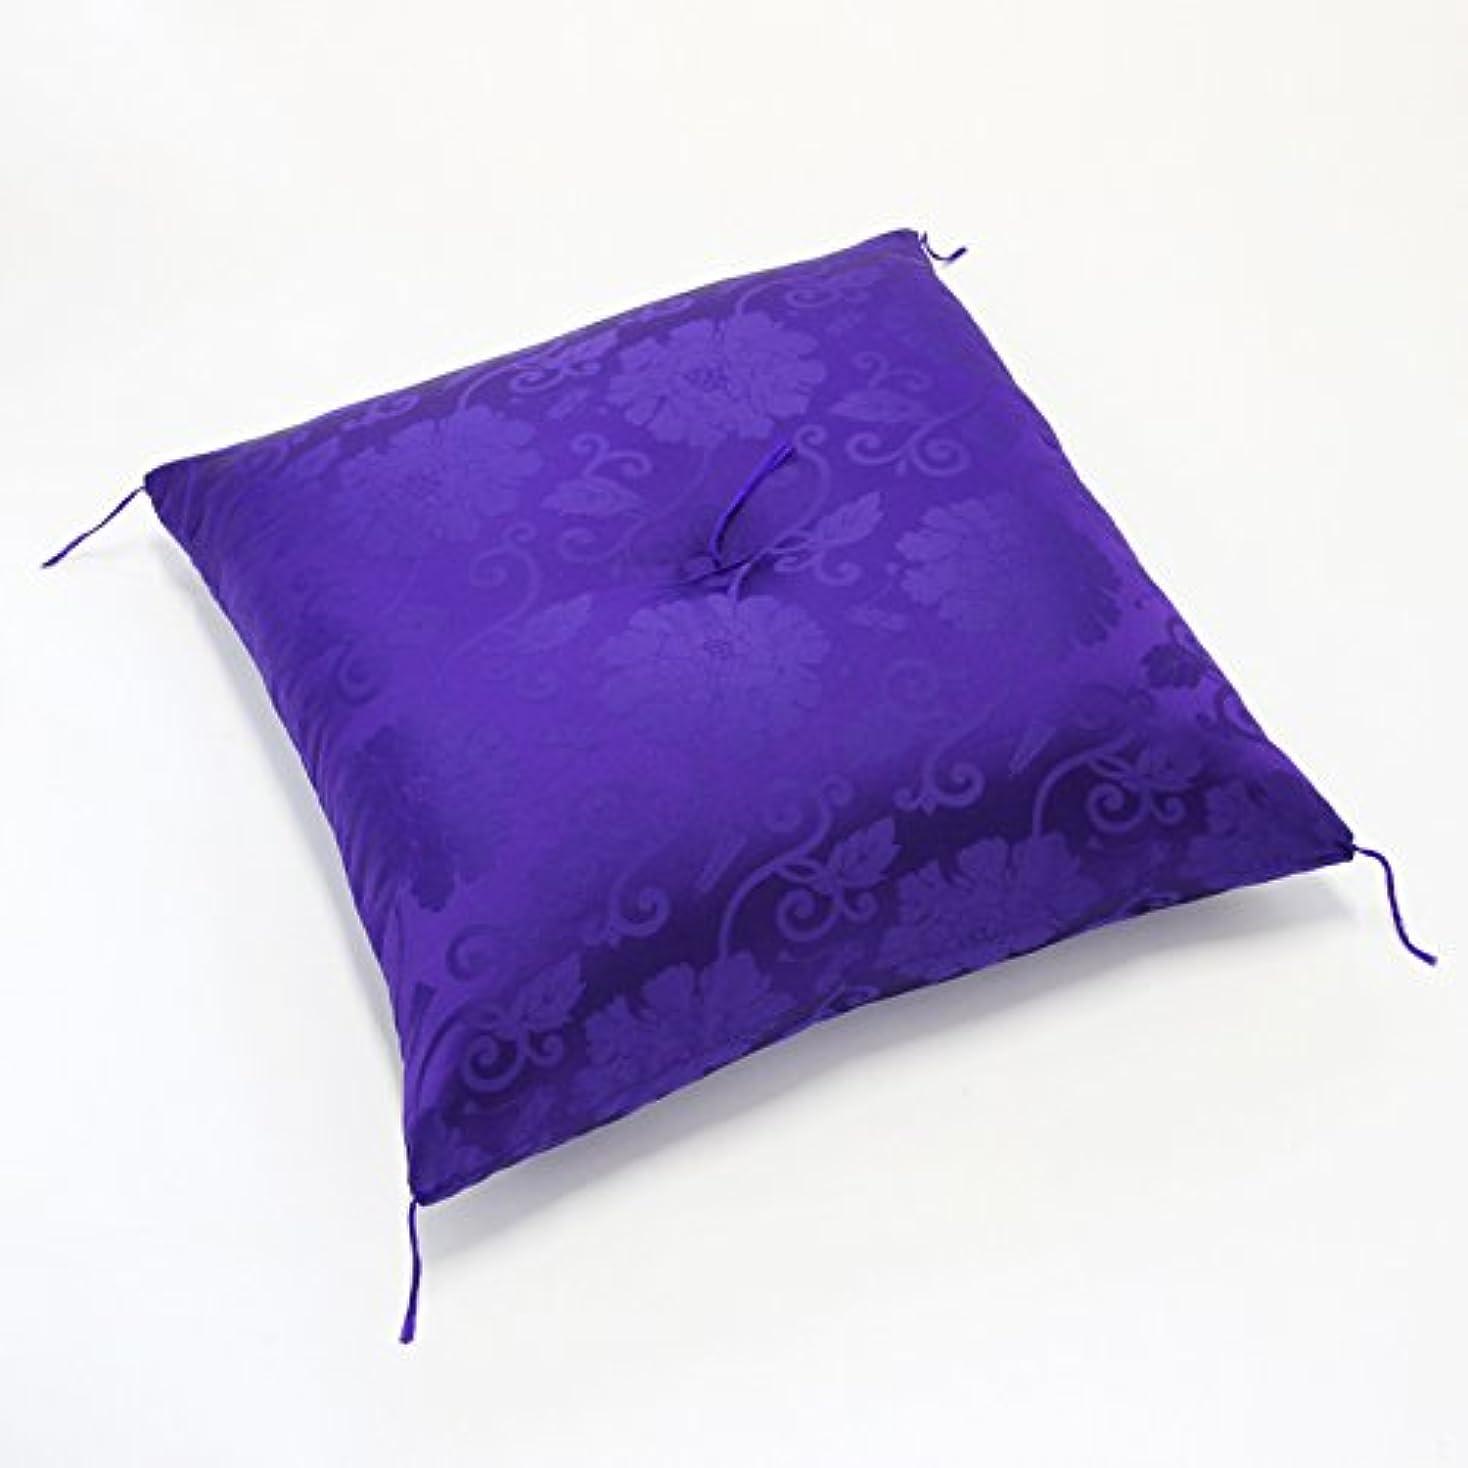 キラウエア山社会科すぐに古稀?喜寿用 祝寿 座布団 紫